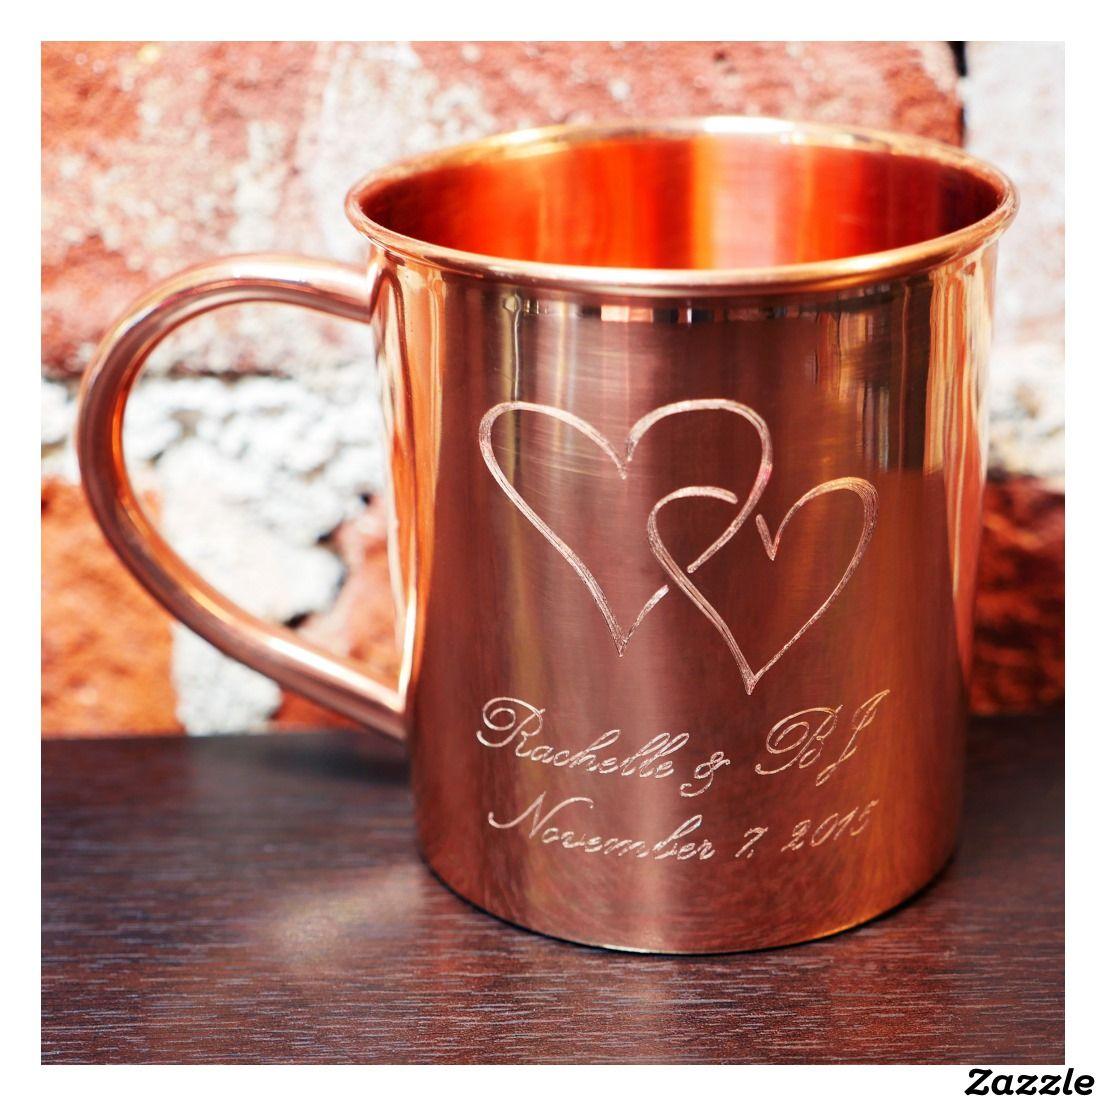 Wedding Gift Ideas Near Me: Custom Copper Love Mug - 14 Oz